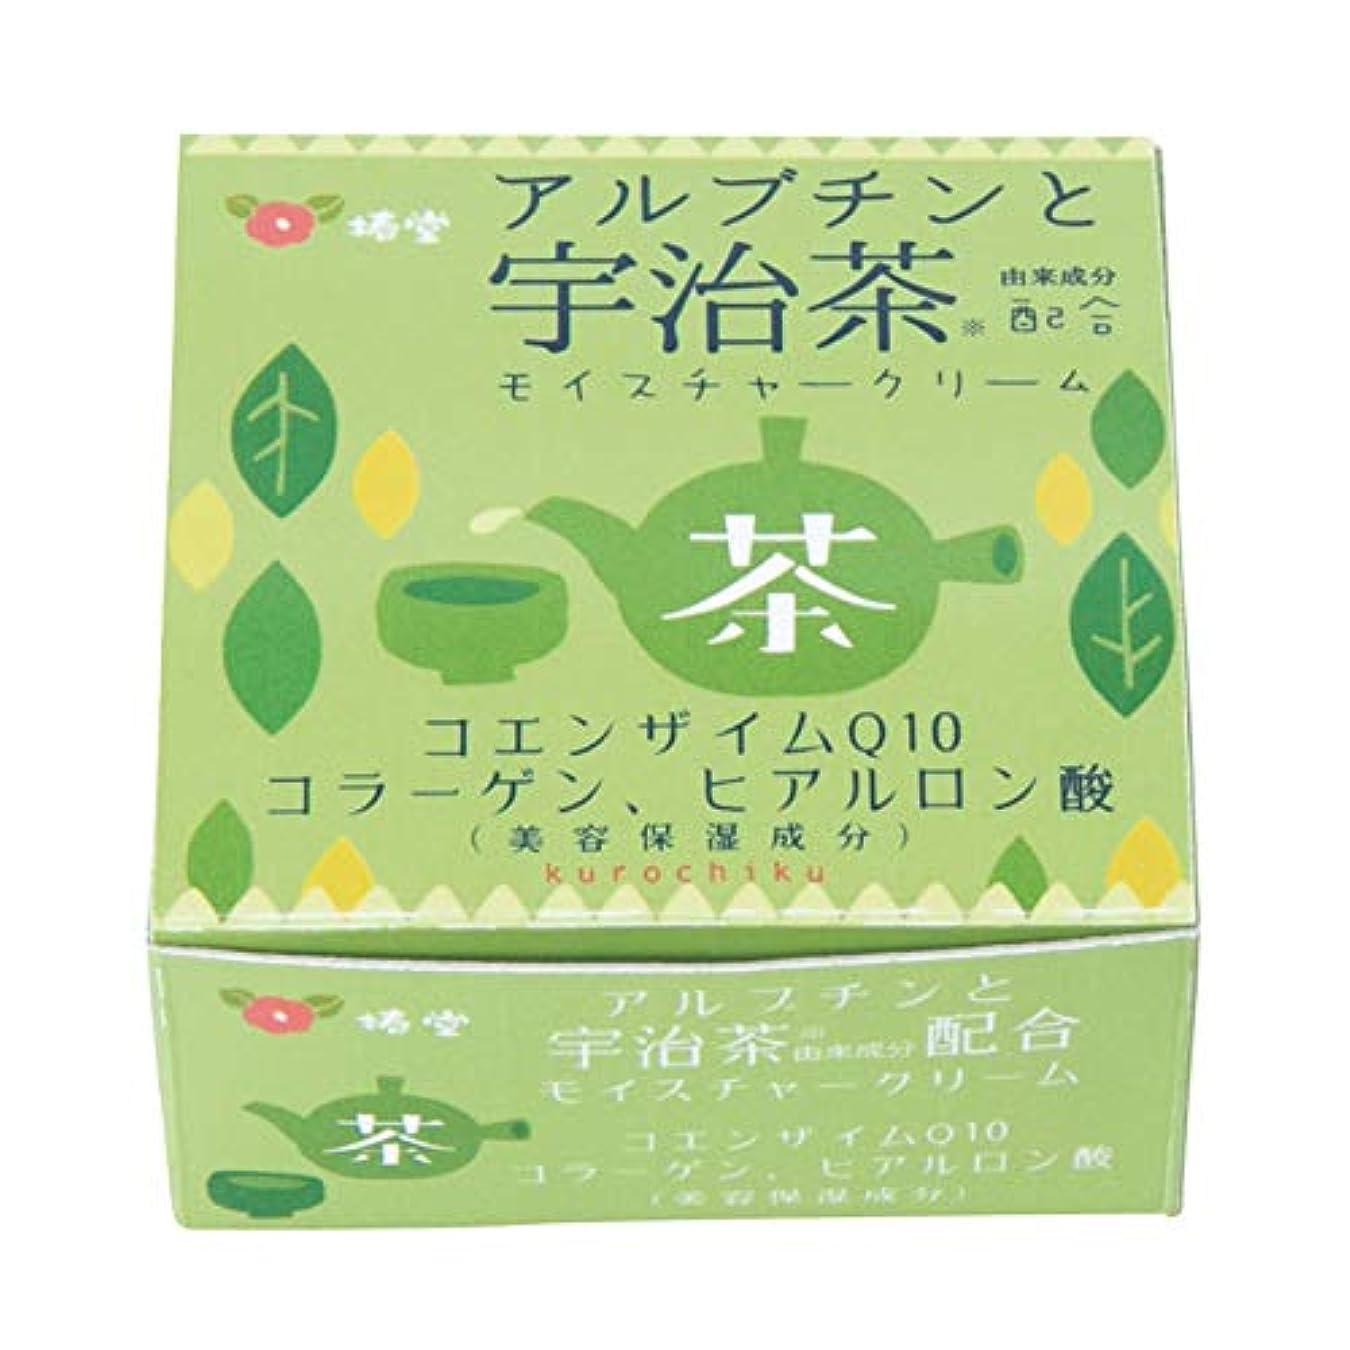 アジャ原稿自然椿堂 宇治茶モイスチャークリーム (アルブチンと宇治茶) 京都くろちく